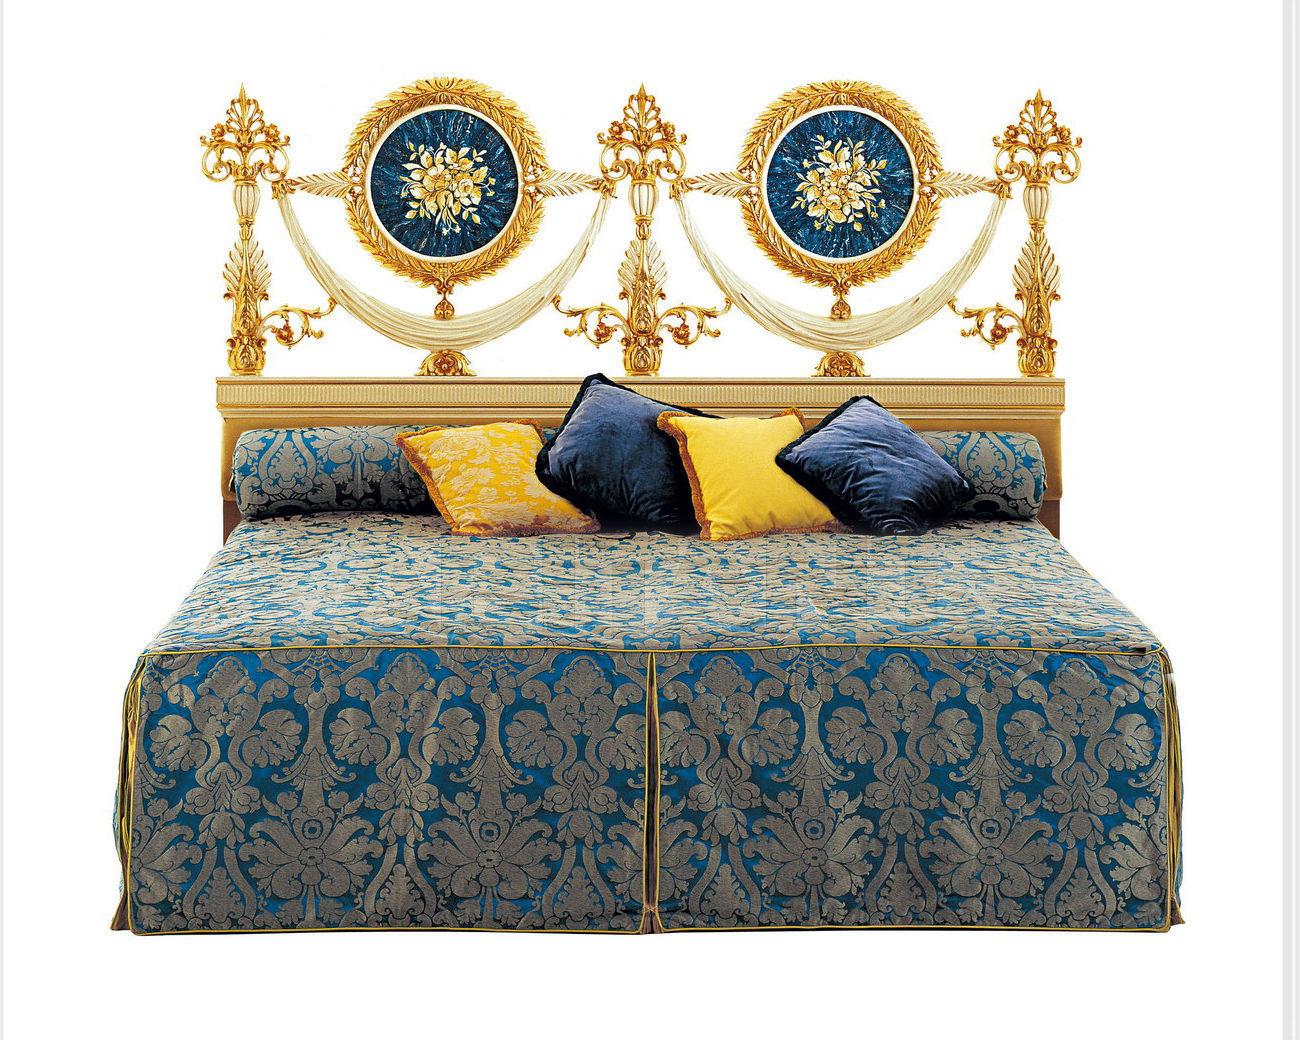 Купить Кровать Colombostile s.p.a. 2010 0108 LM